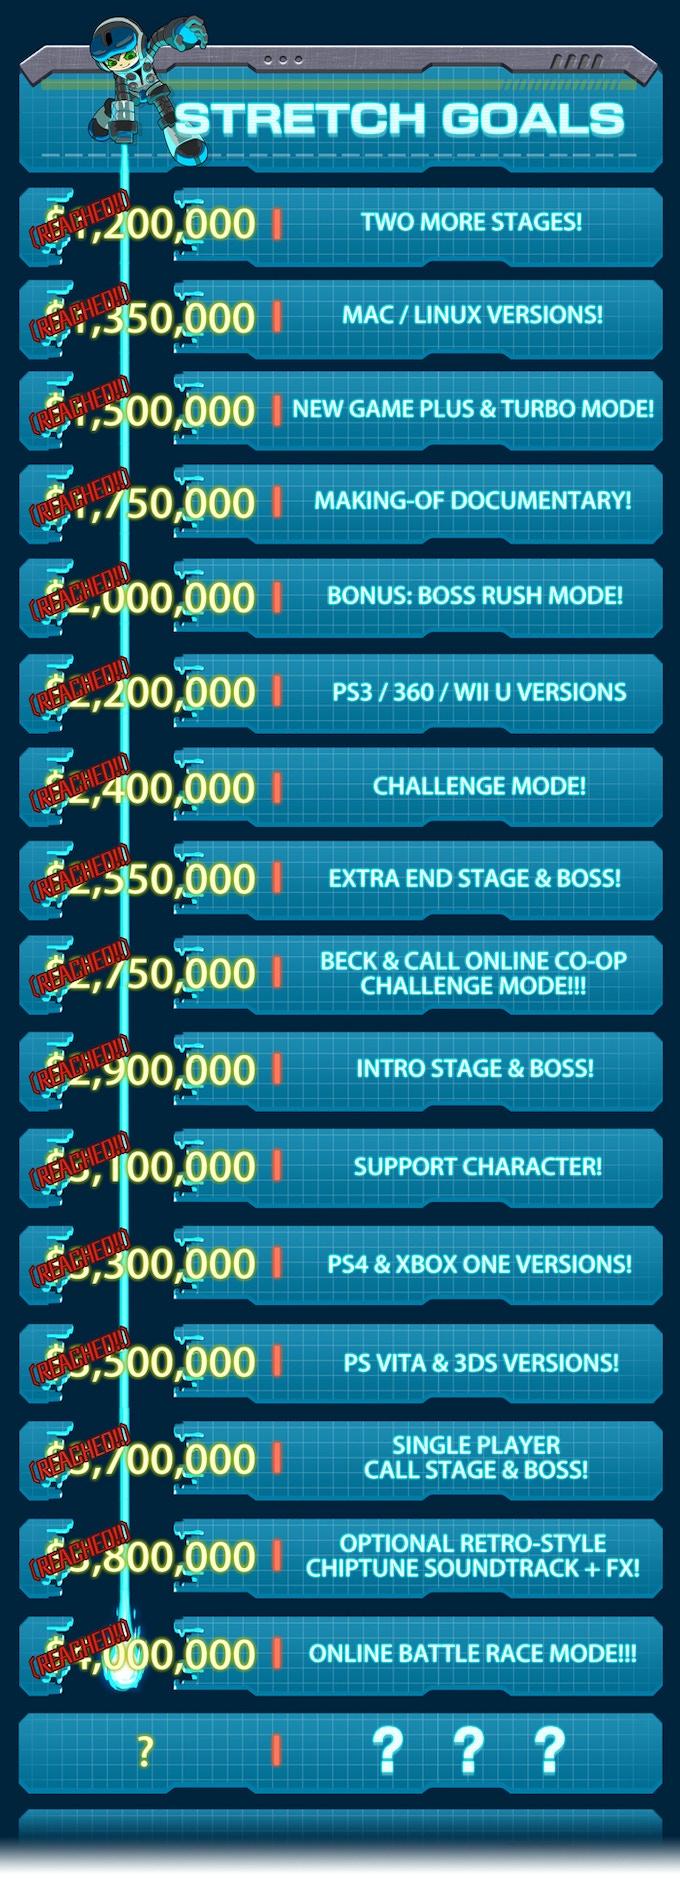 Lista de metas y recompensas que ha alcanzado la fundación del juego.